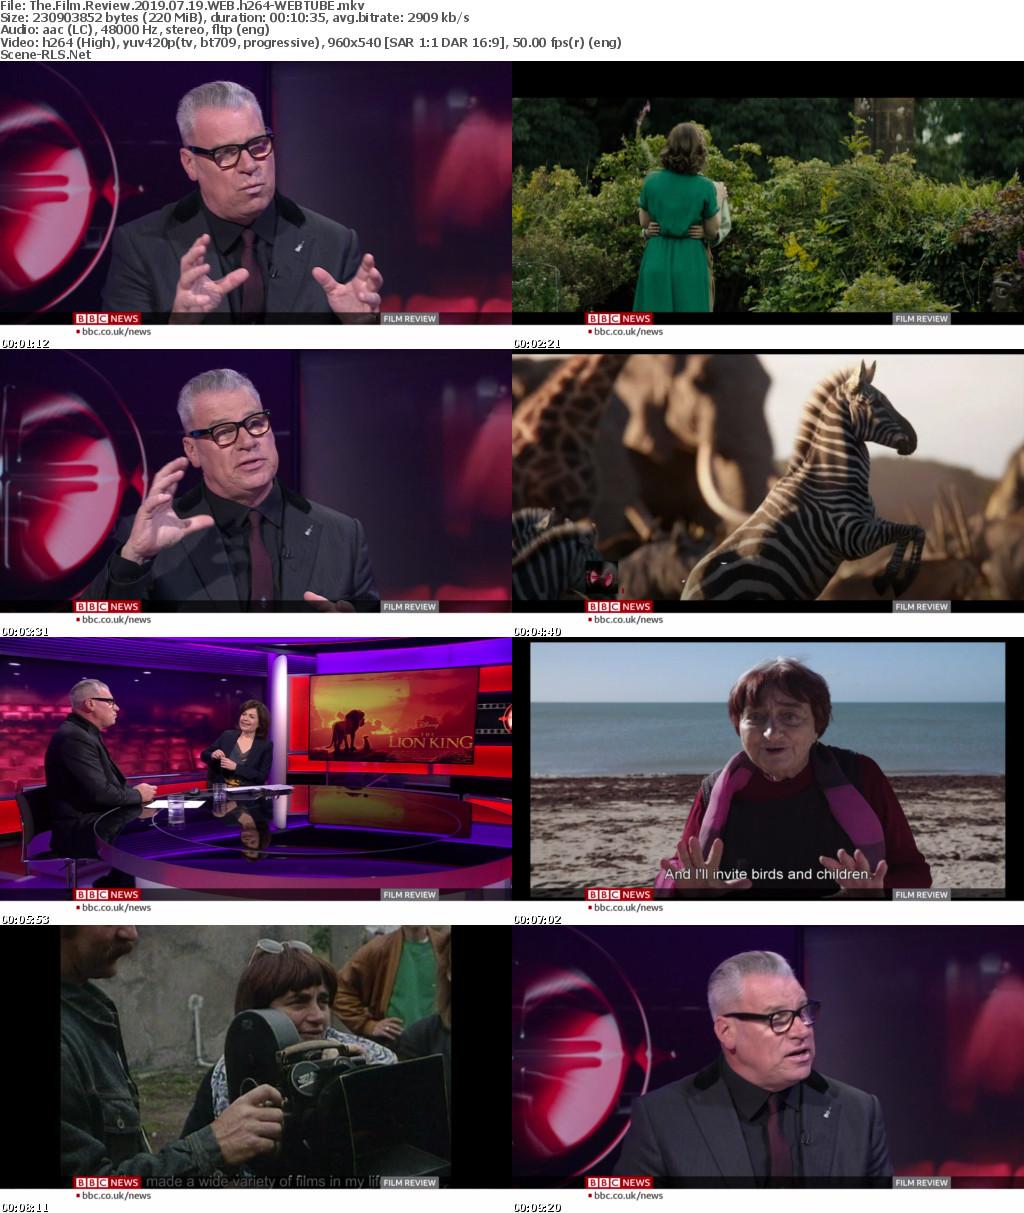 The Film Review 2019 07 19 WEB h264-WEBTUBE - Scene Release